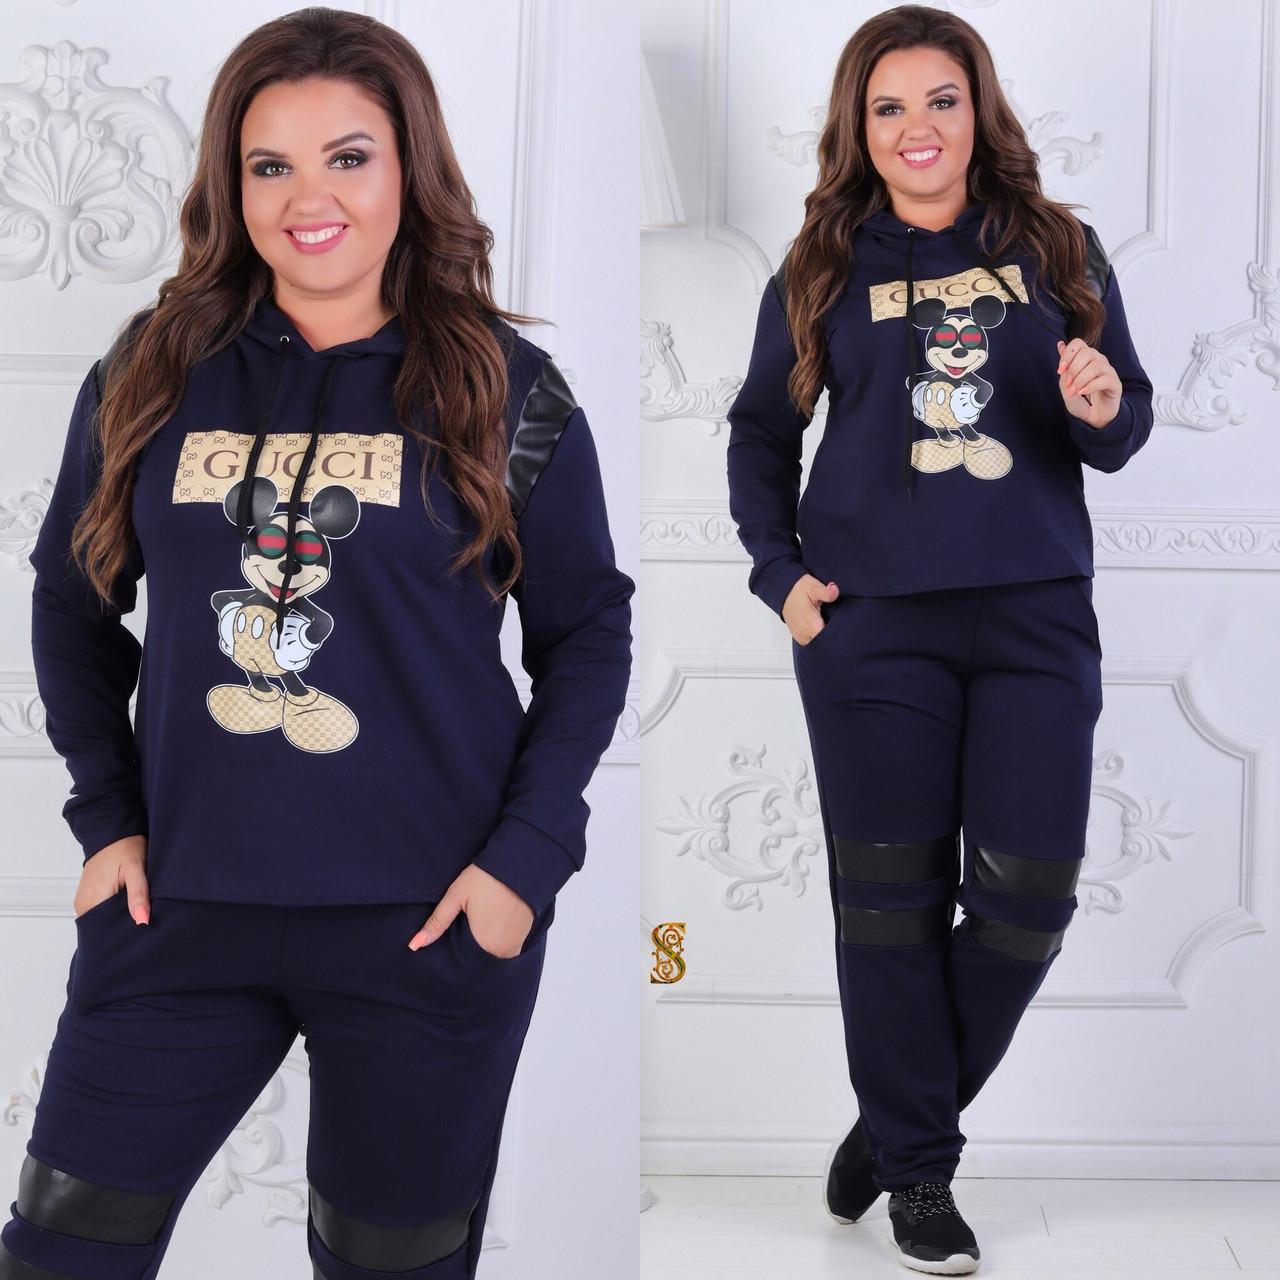 Женский модный спортивный костюм с рисунком Микки Мауса на кофте, батал большие размеры